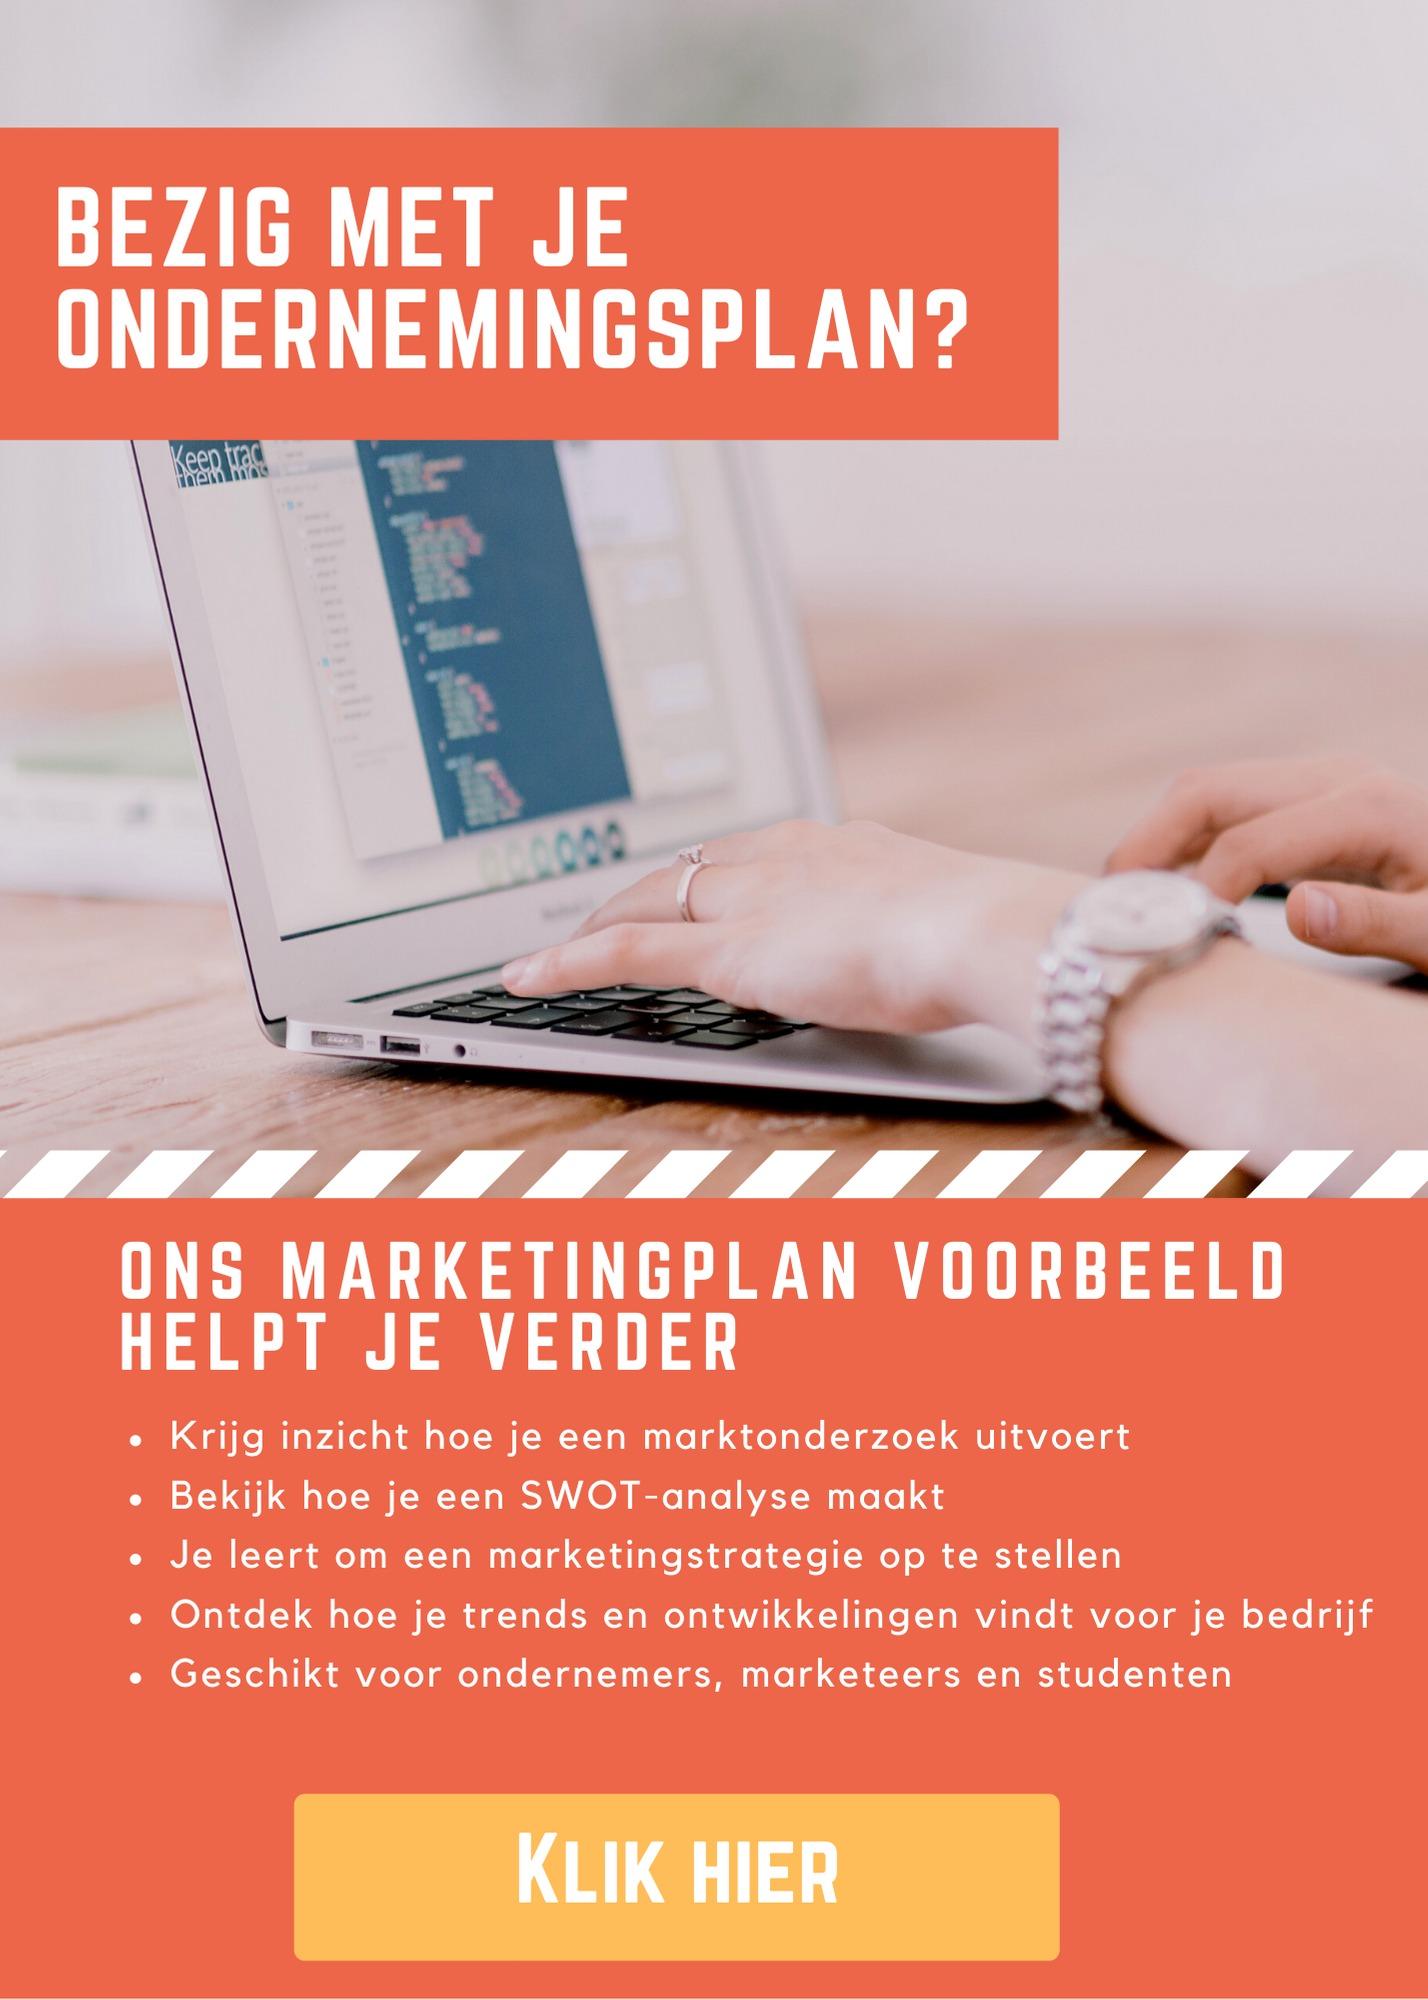 Marketingplan voor je ondernemingsplan